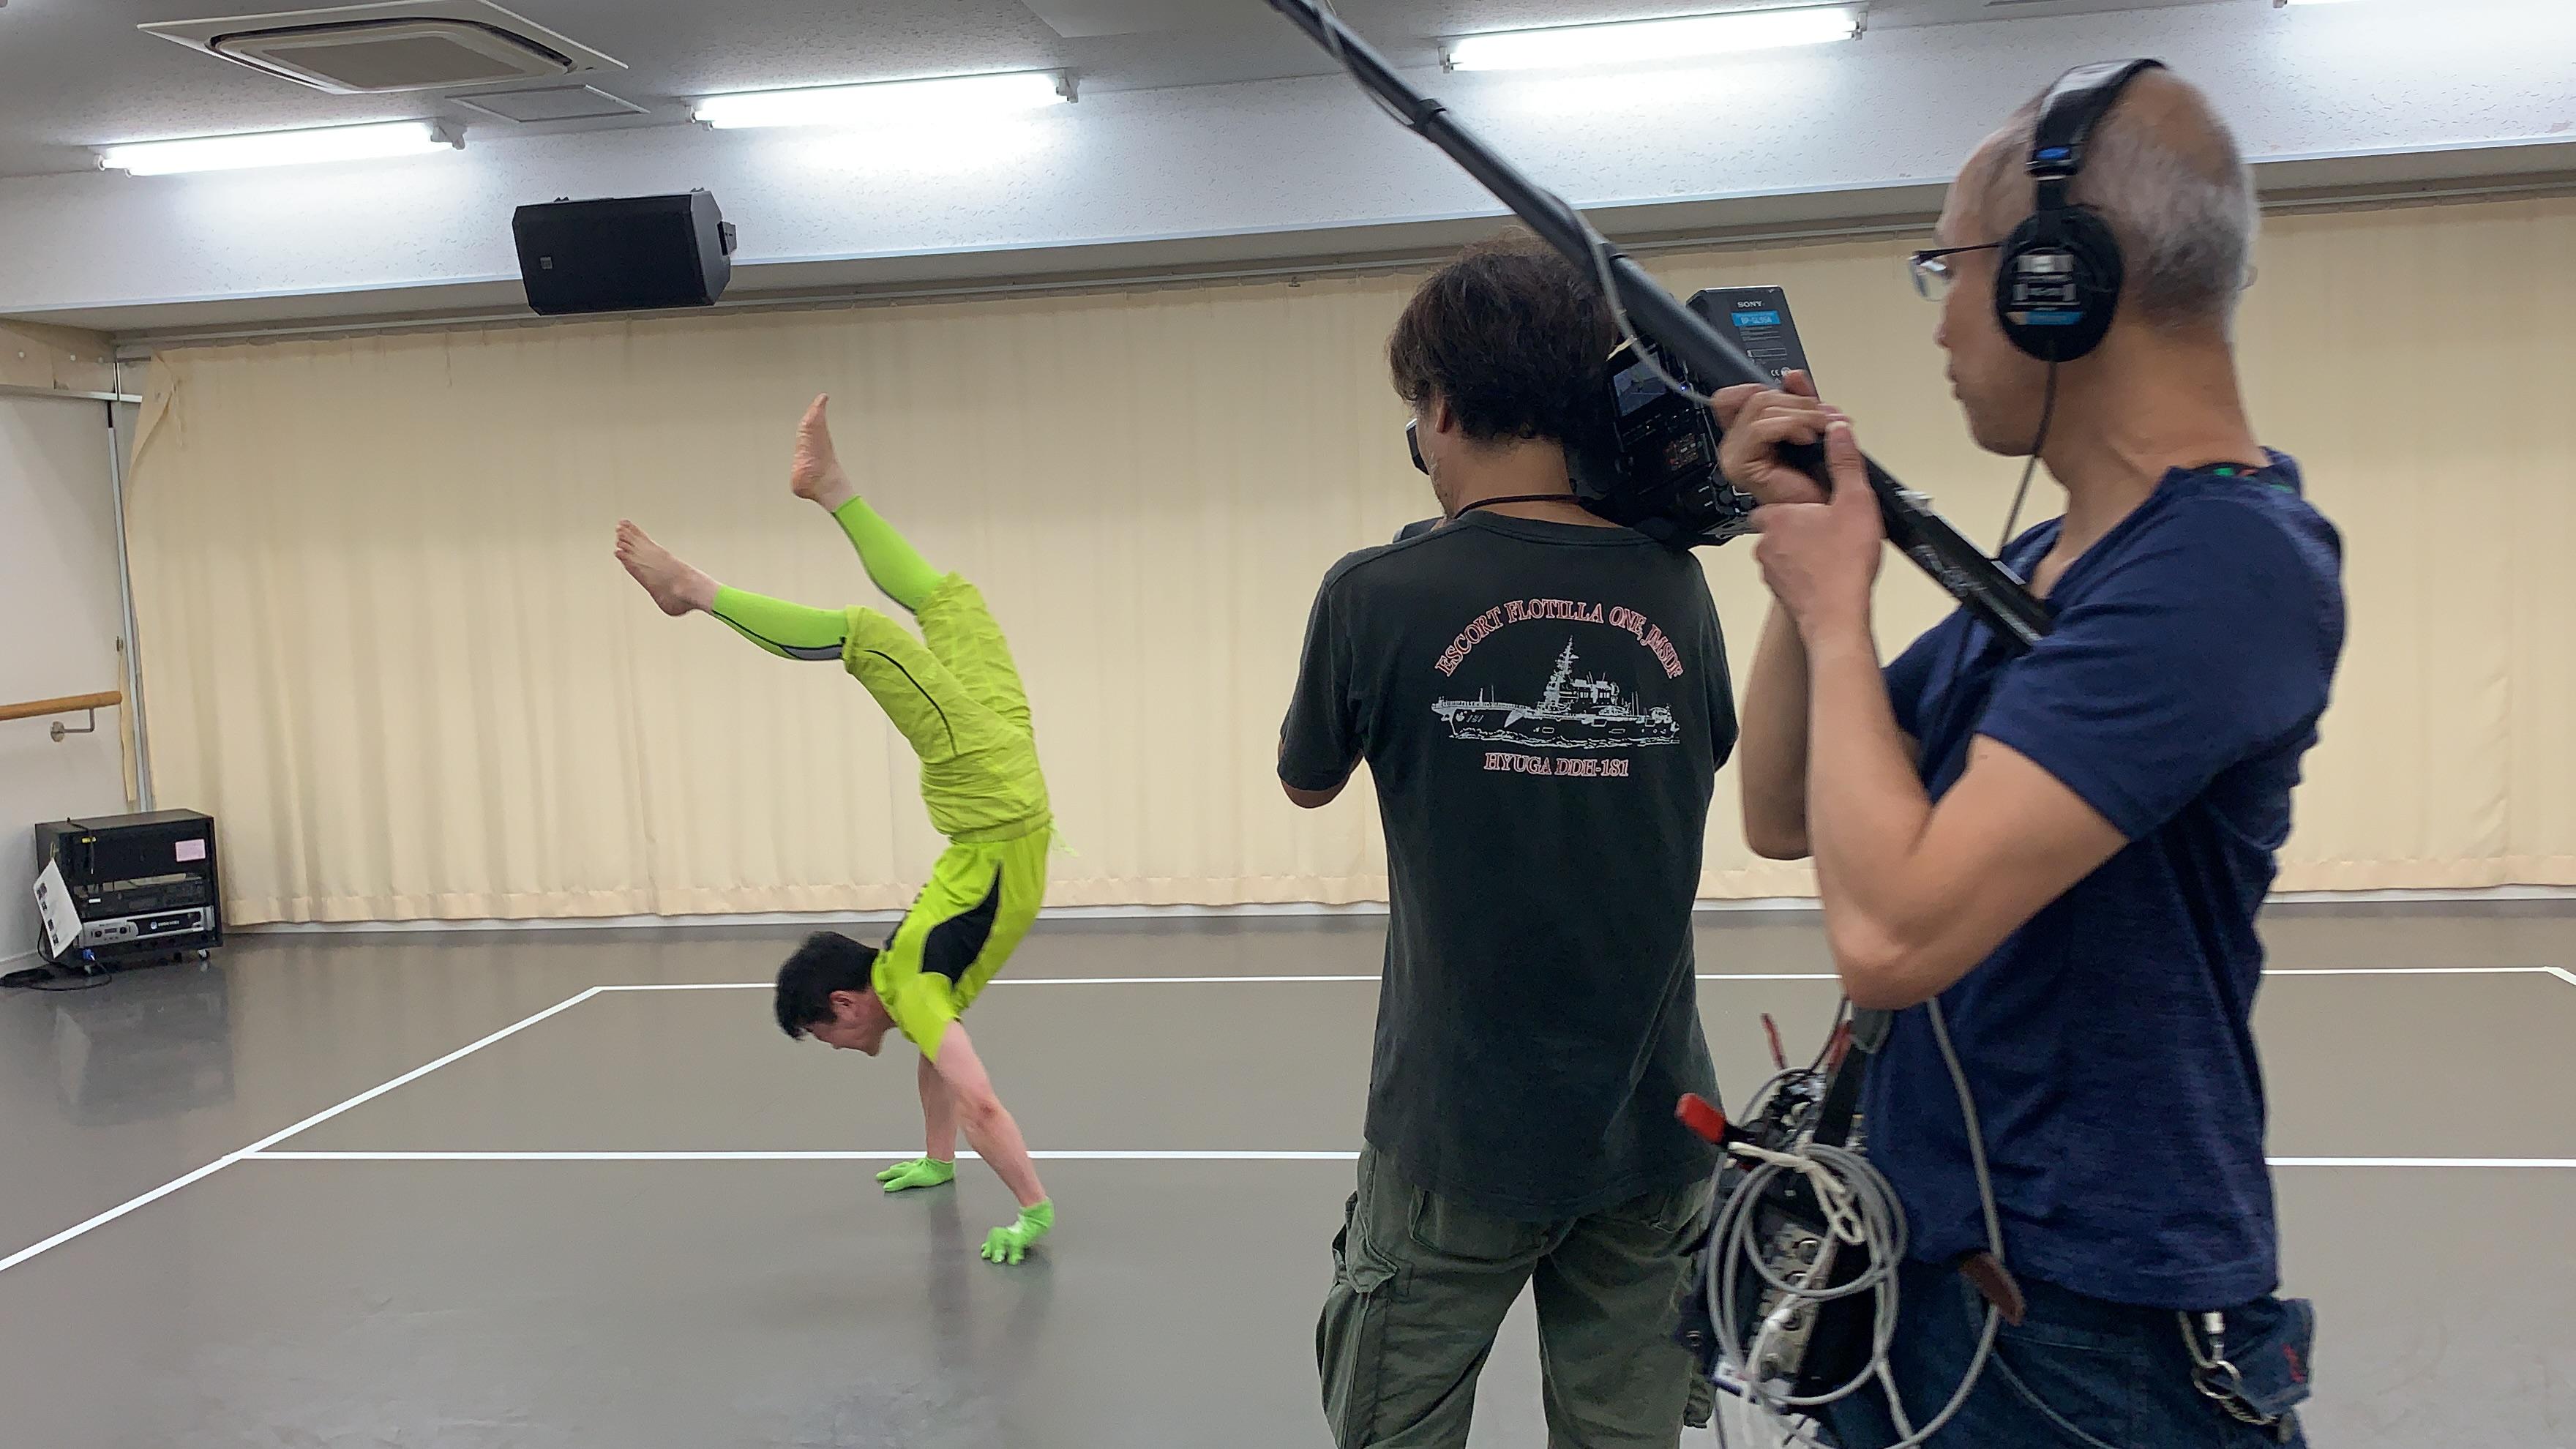 ハートネットTV(NHK Eテレ)に、逆立ち超人しゃちほこが出演